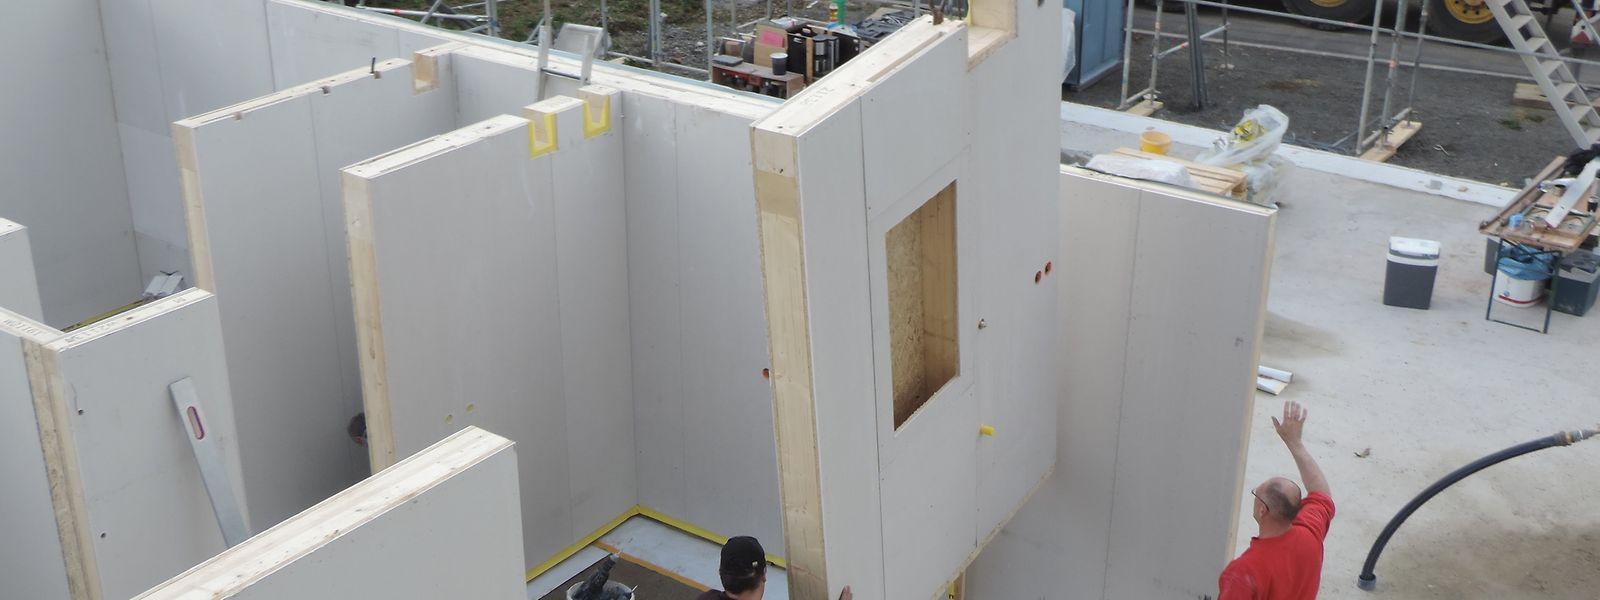 Das erste Projekt von Heliosmart in Wiltz wurde in weniger als sechs Monaten fertig gebaut.